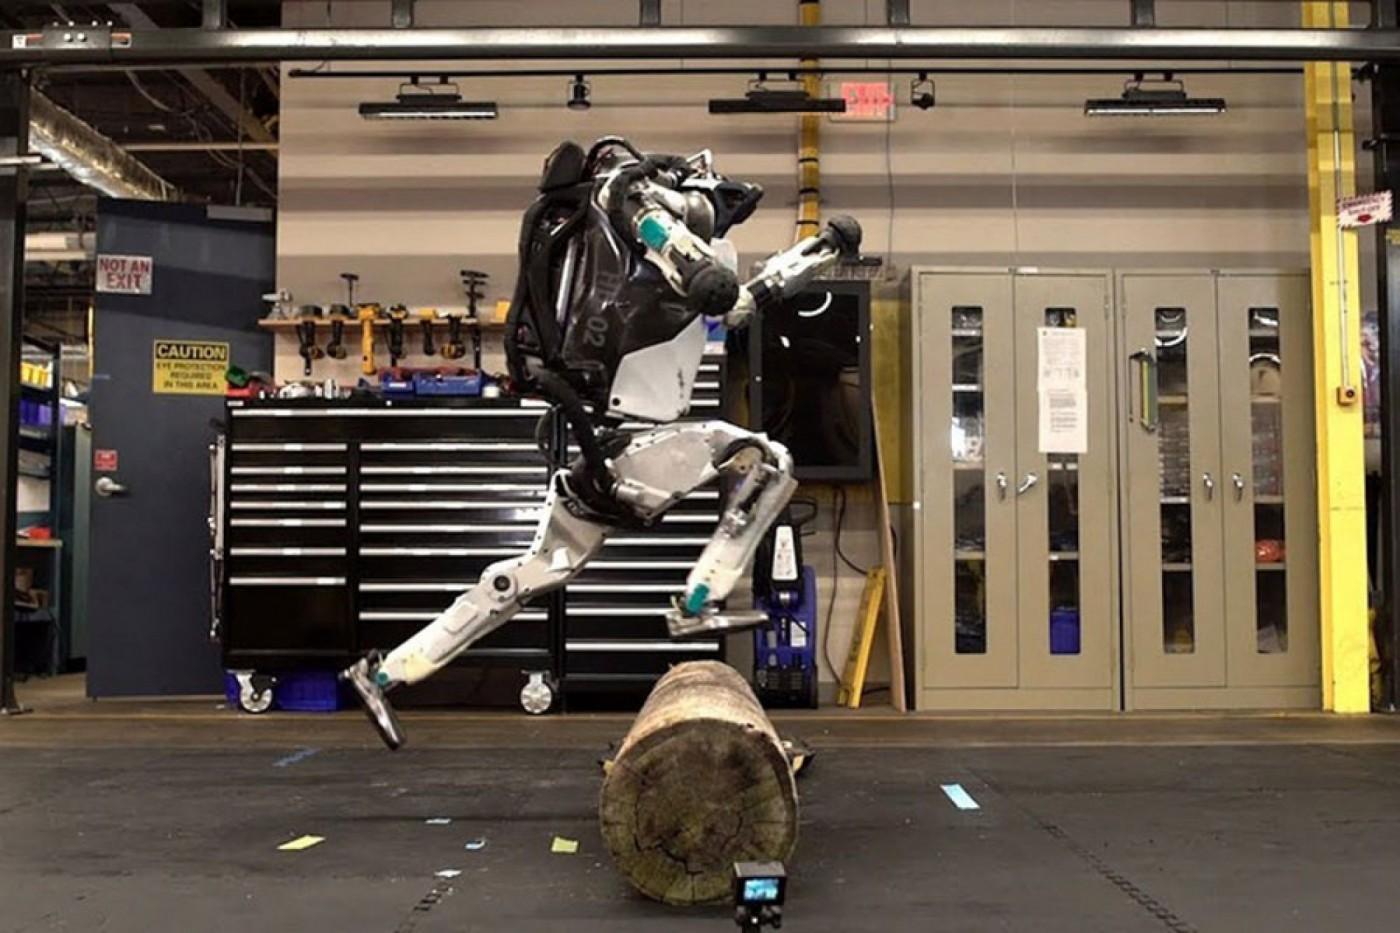 與波士頓動力分手兩年後,Google將用AI打造更強大機器人